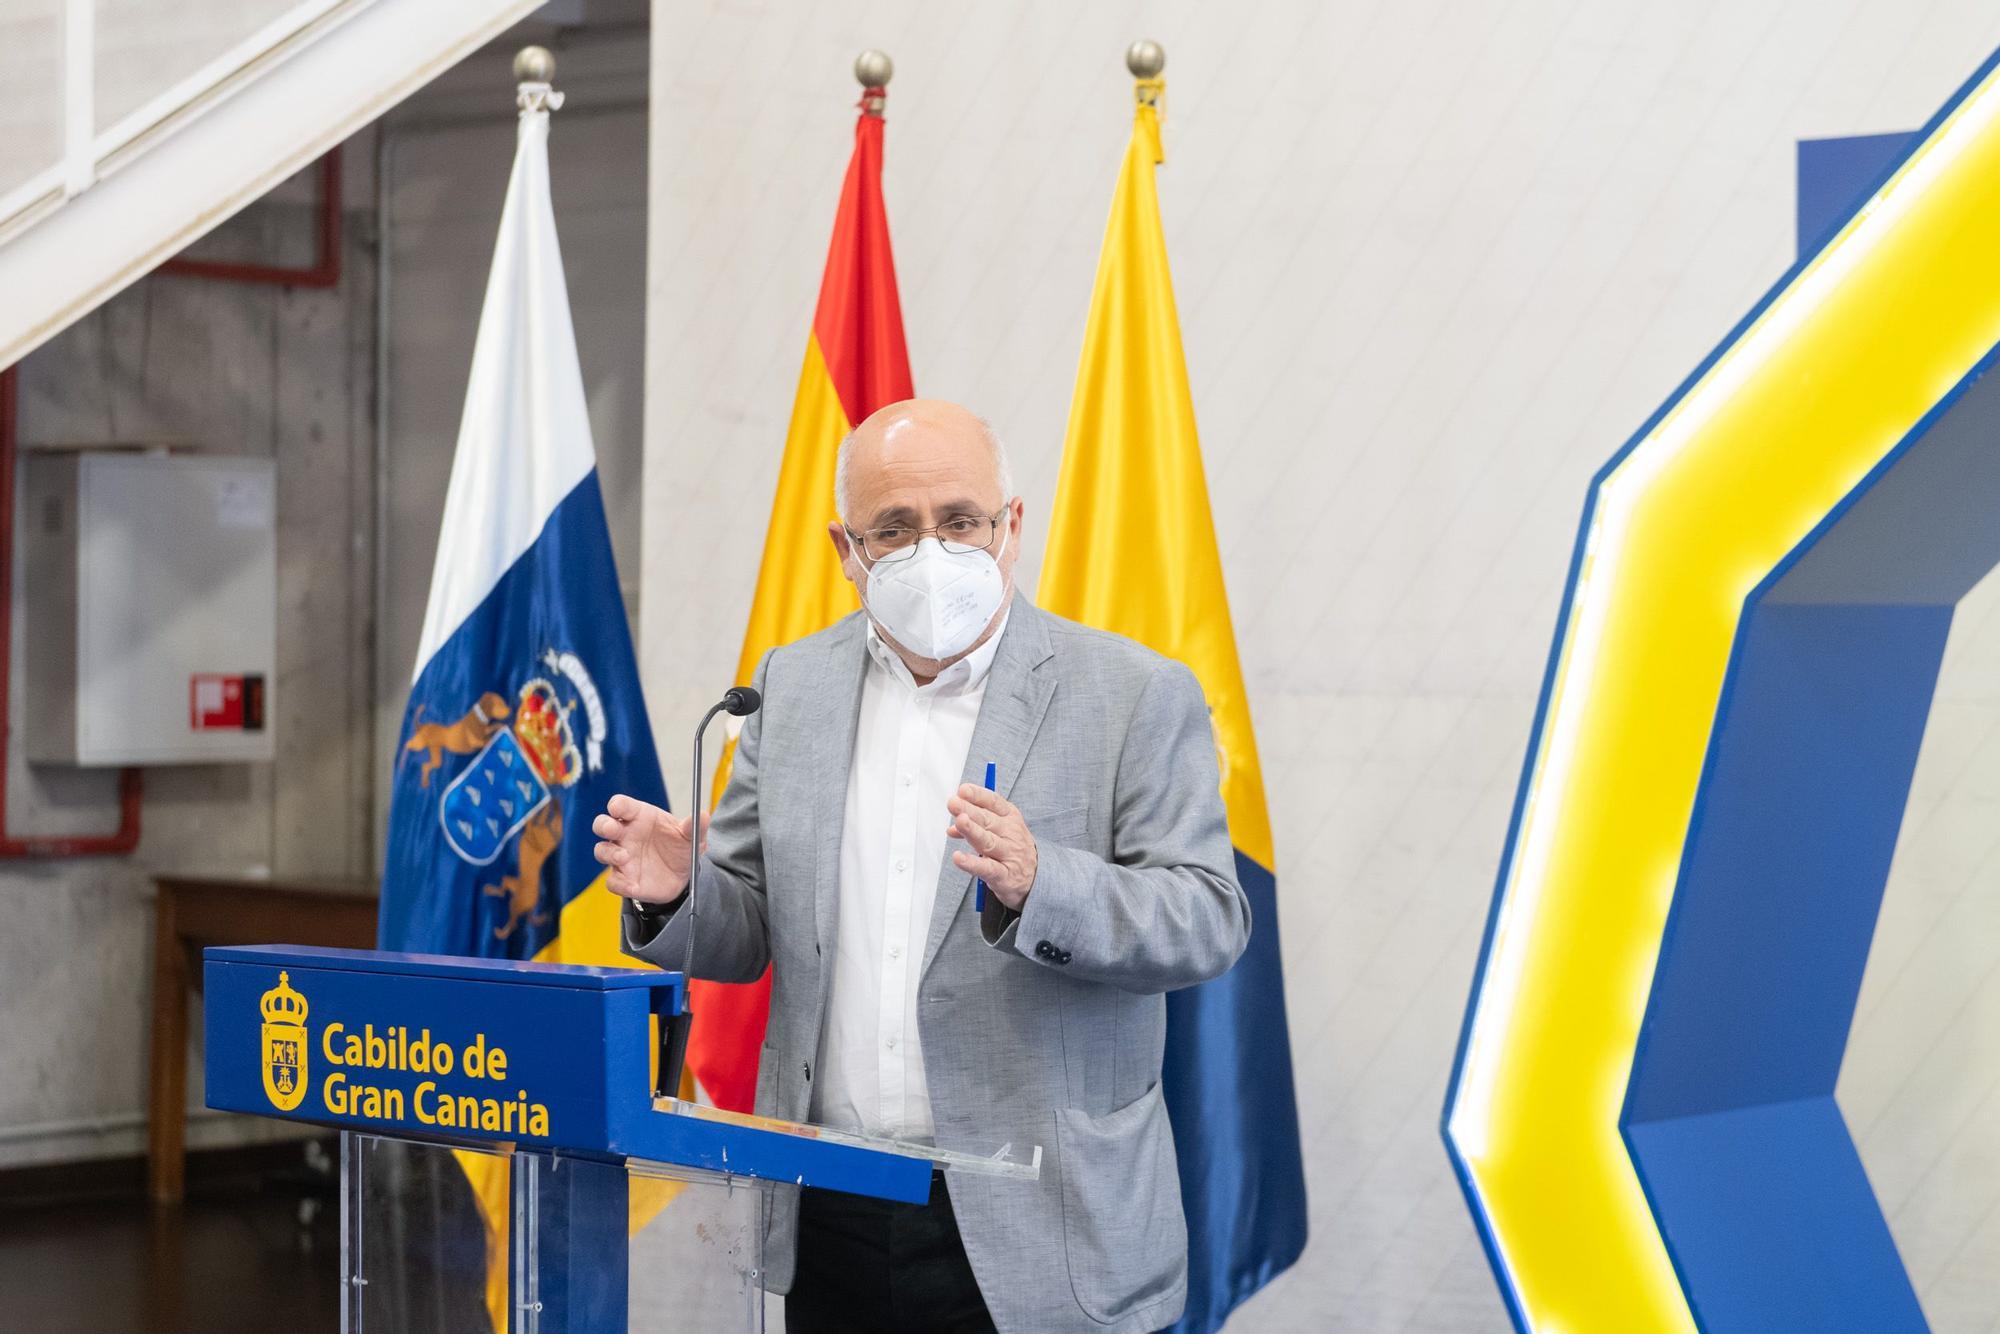 Ayudas del Cabildo de Gran Canaria a las pymes por la pandemia de coronavirus